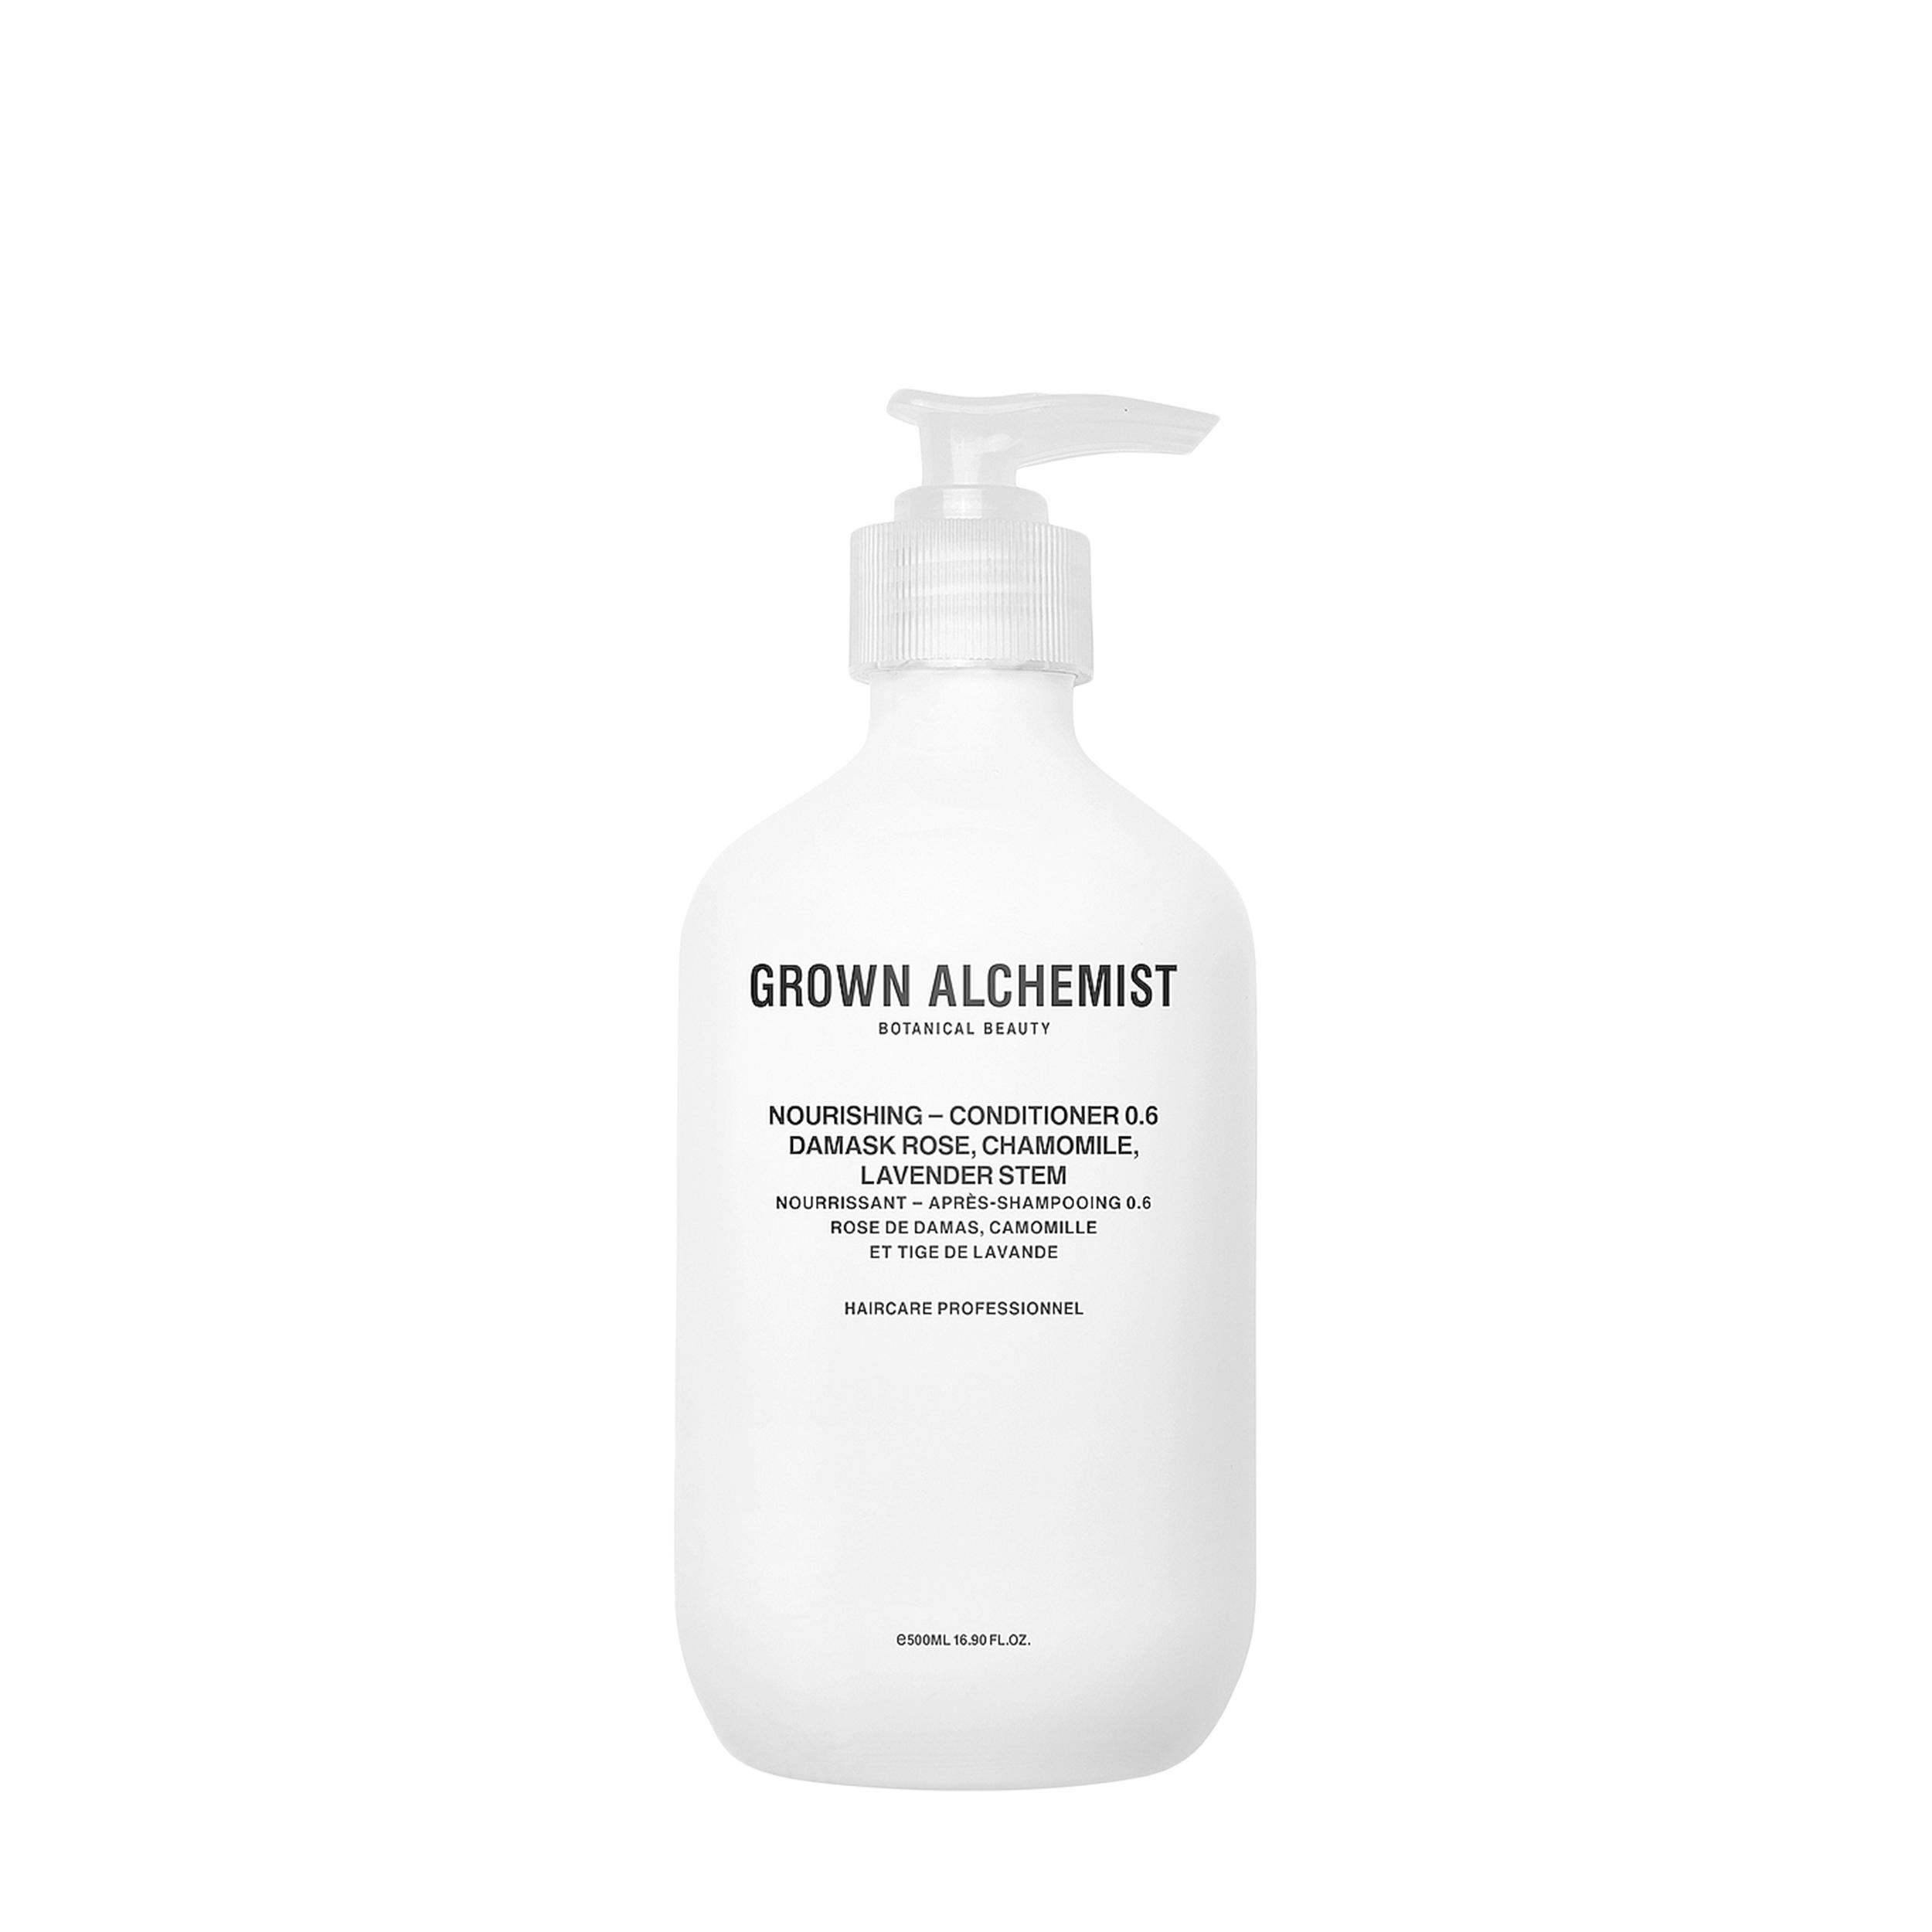 Купить Grown Alchemist Питательный кондиционер для волос «Дамасская роза, ромашка, лаванда»